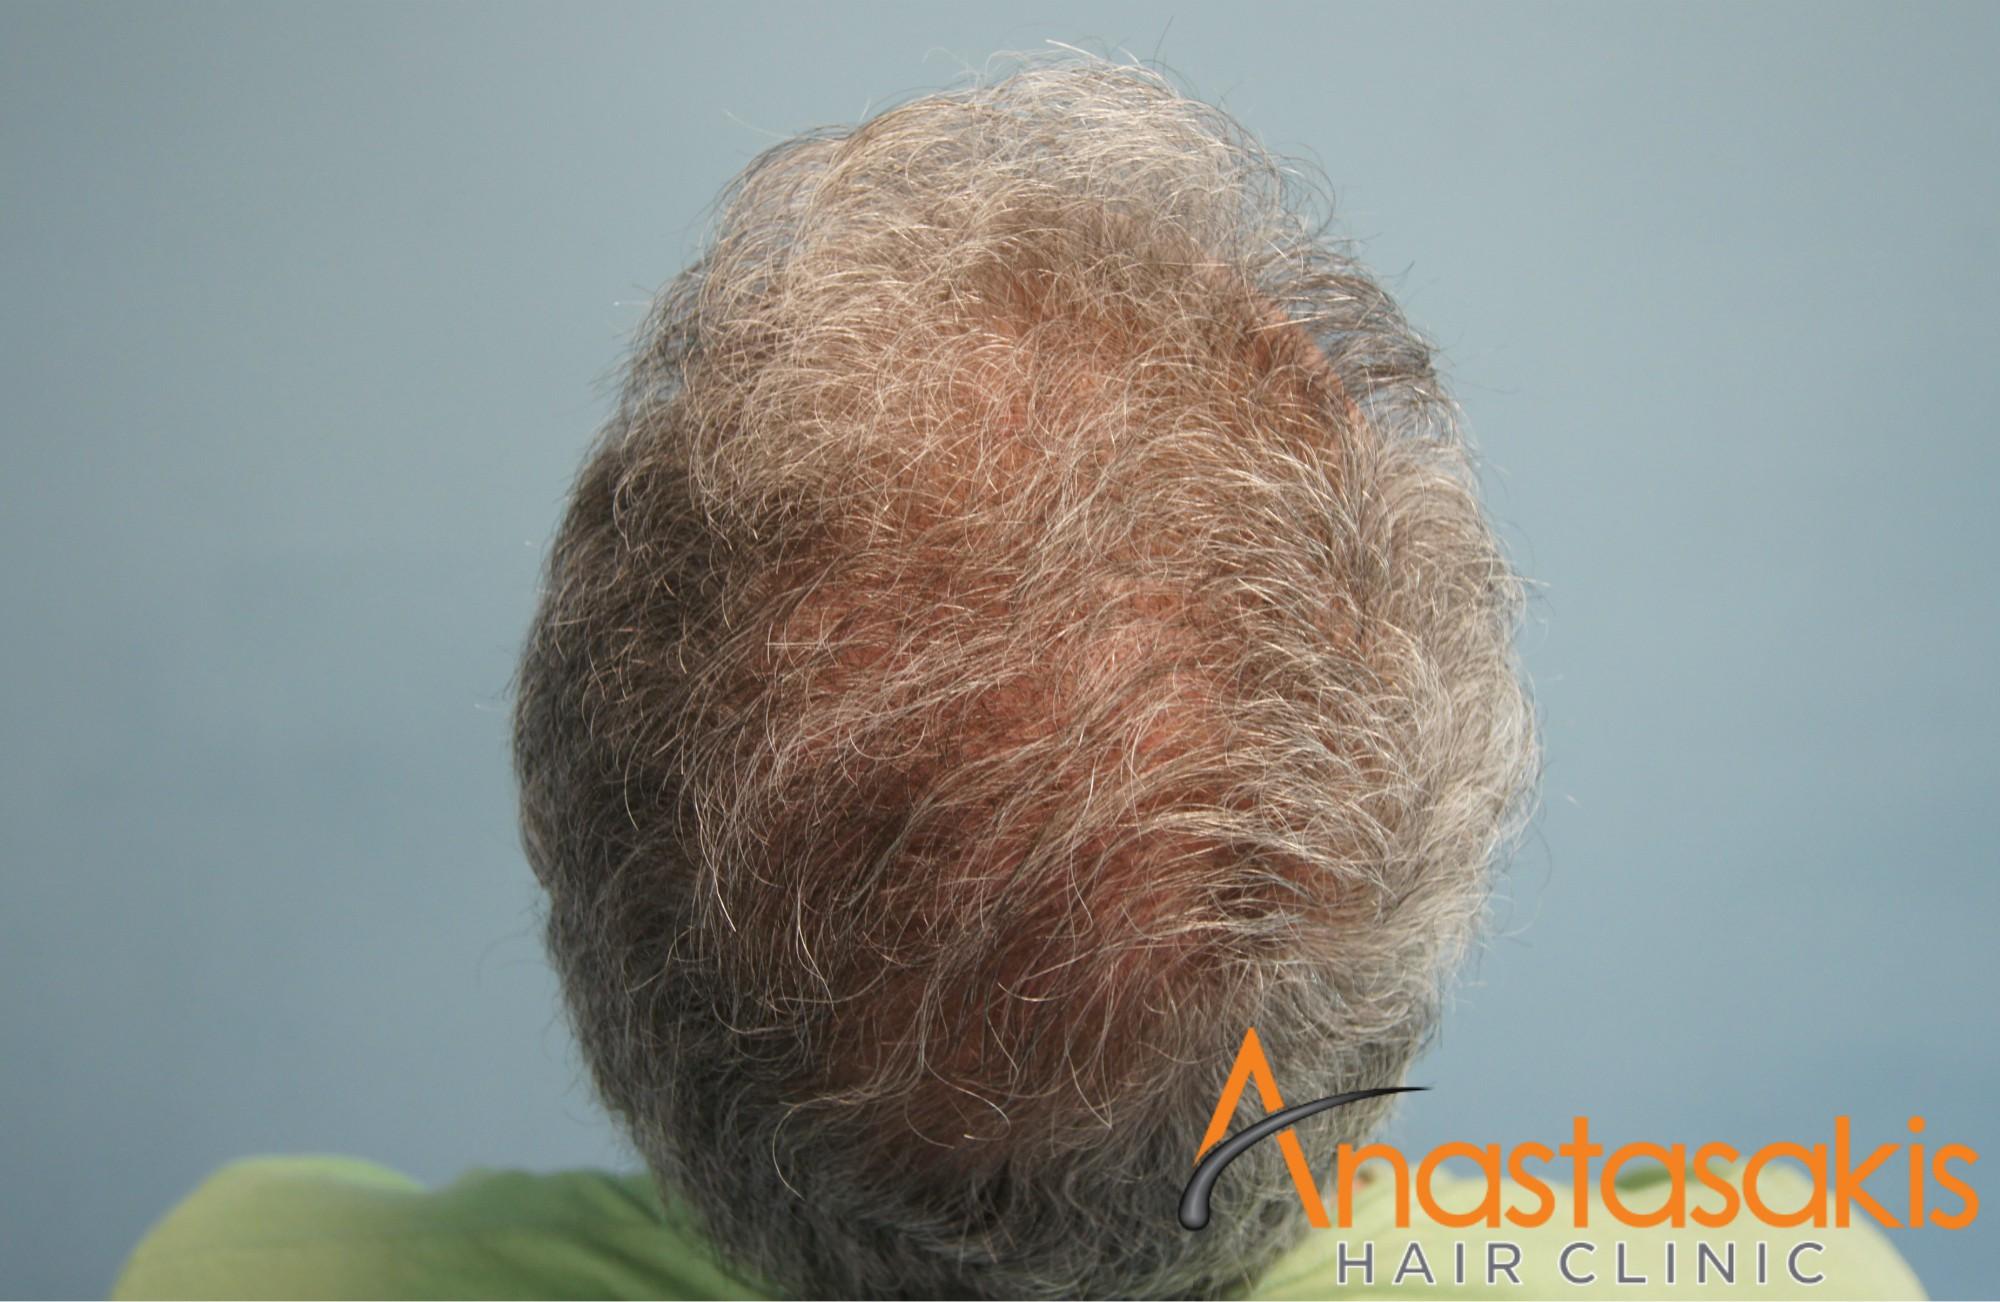 κορυφη ασθενους μετα τη μεταμοσχευση μαλλιων με 2500 fus